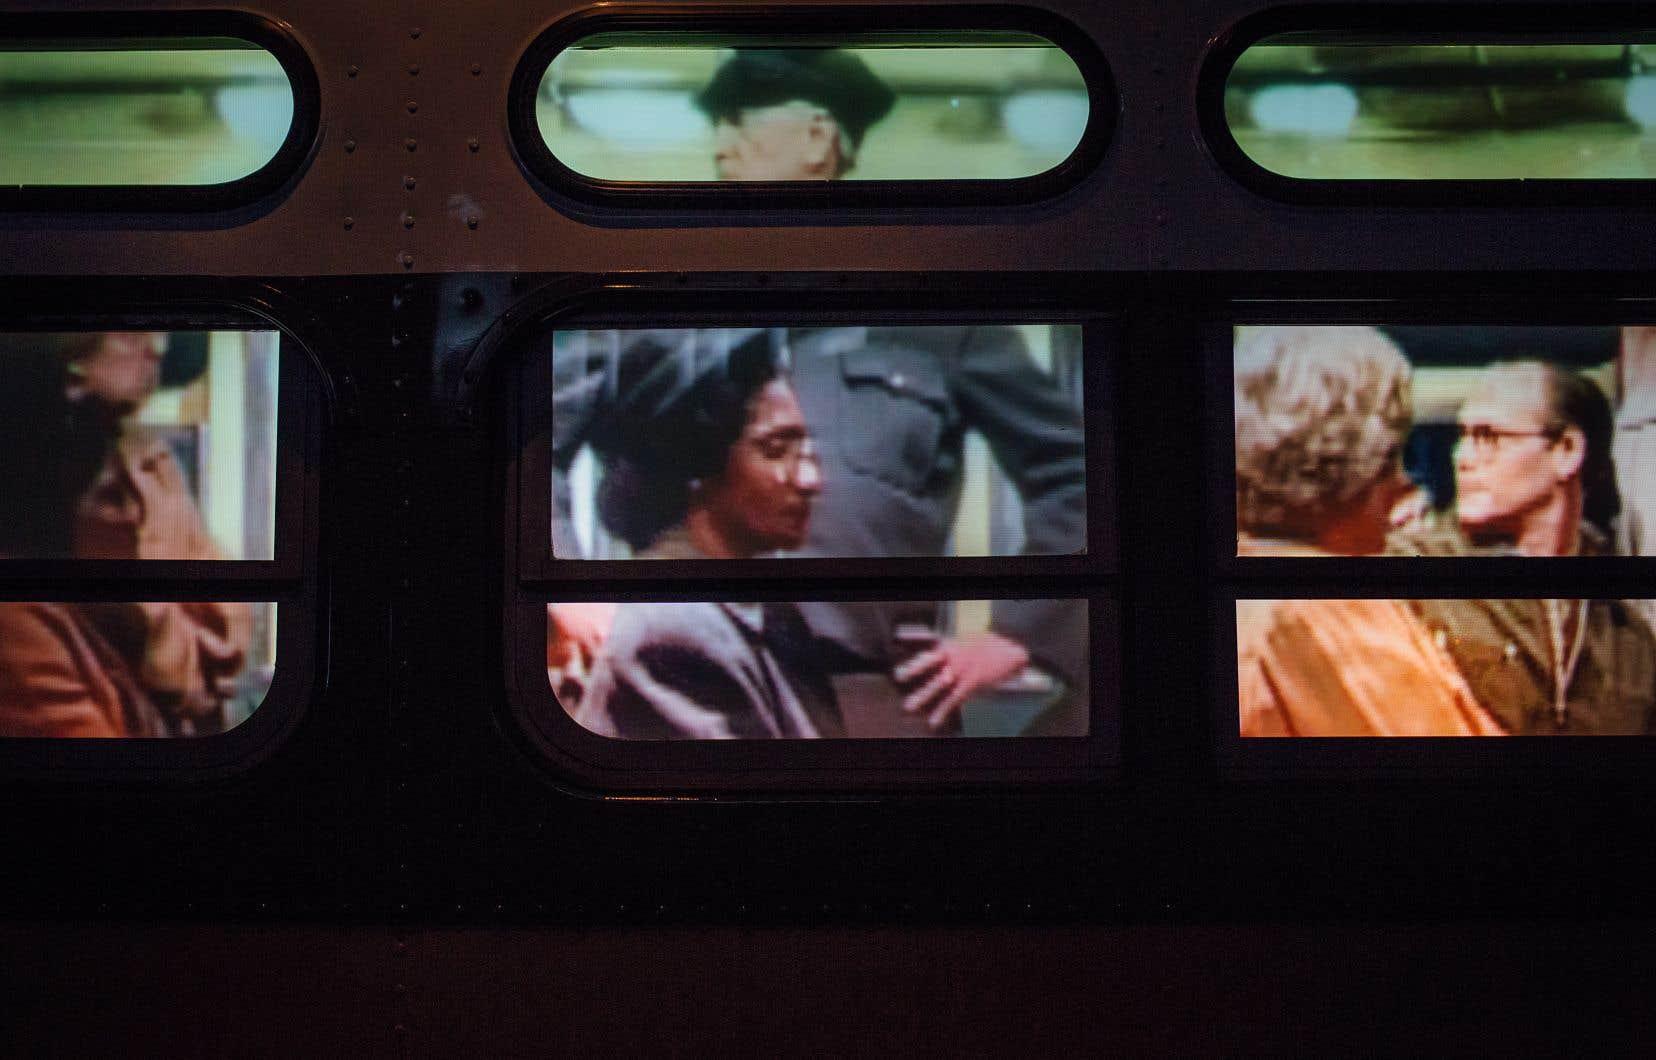 Au musée Rosa Parks, une animation multimédia recrée le moment où l'icône des droits civiques a refusé de céder sa place à un Blanc à bord d'un autobus.